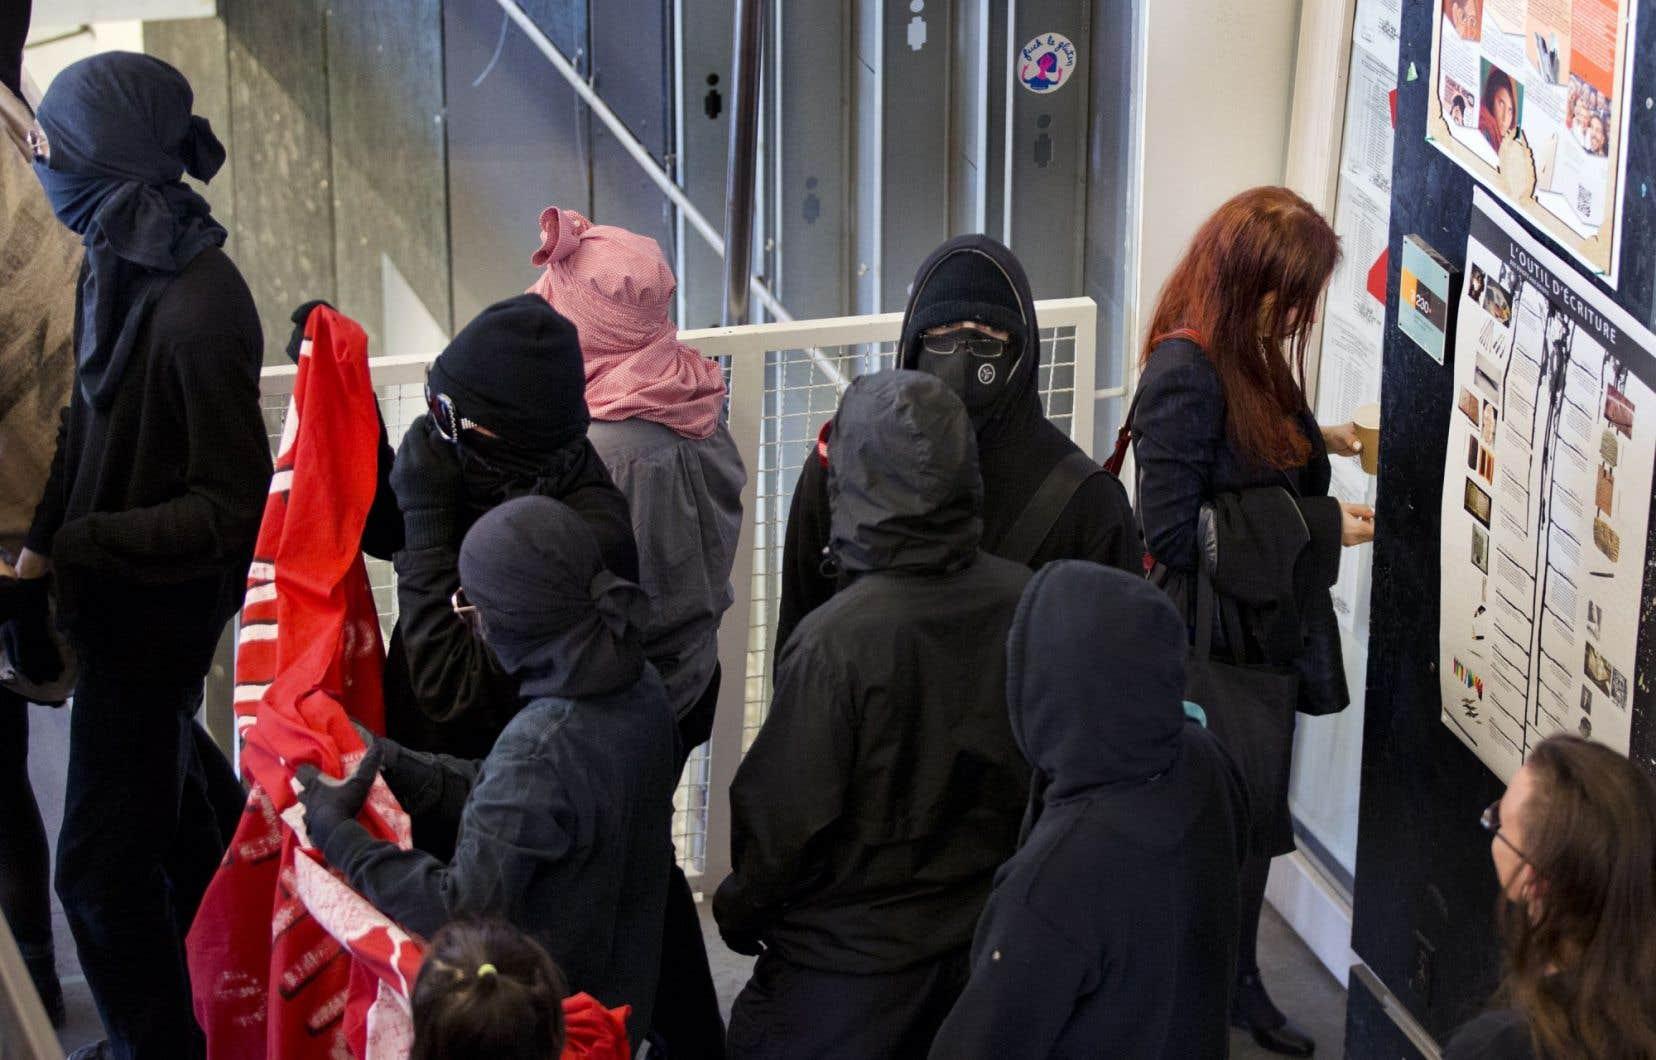 Malgré l'injonction reconduite pour permettre la tenue des cours, des manifestants masqués ont bloqué l'accès aux classes, forçant des professeurs à annuler leurs cours.